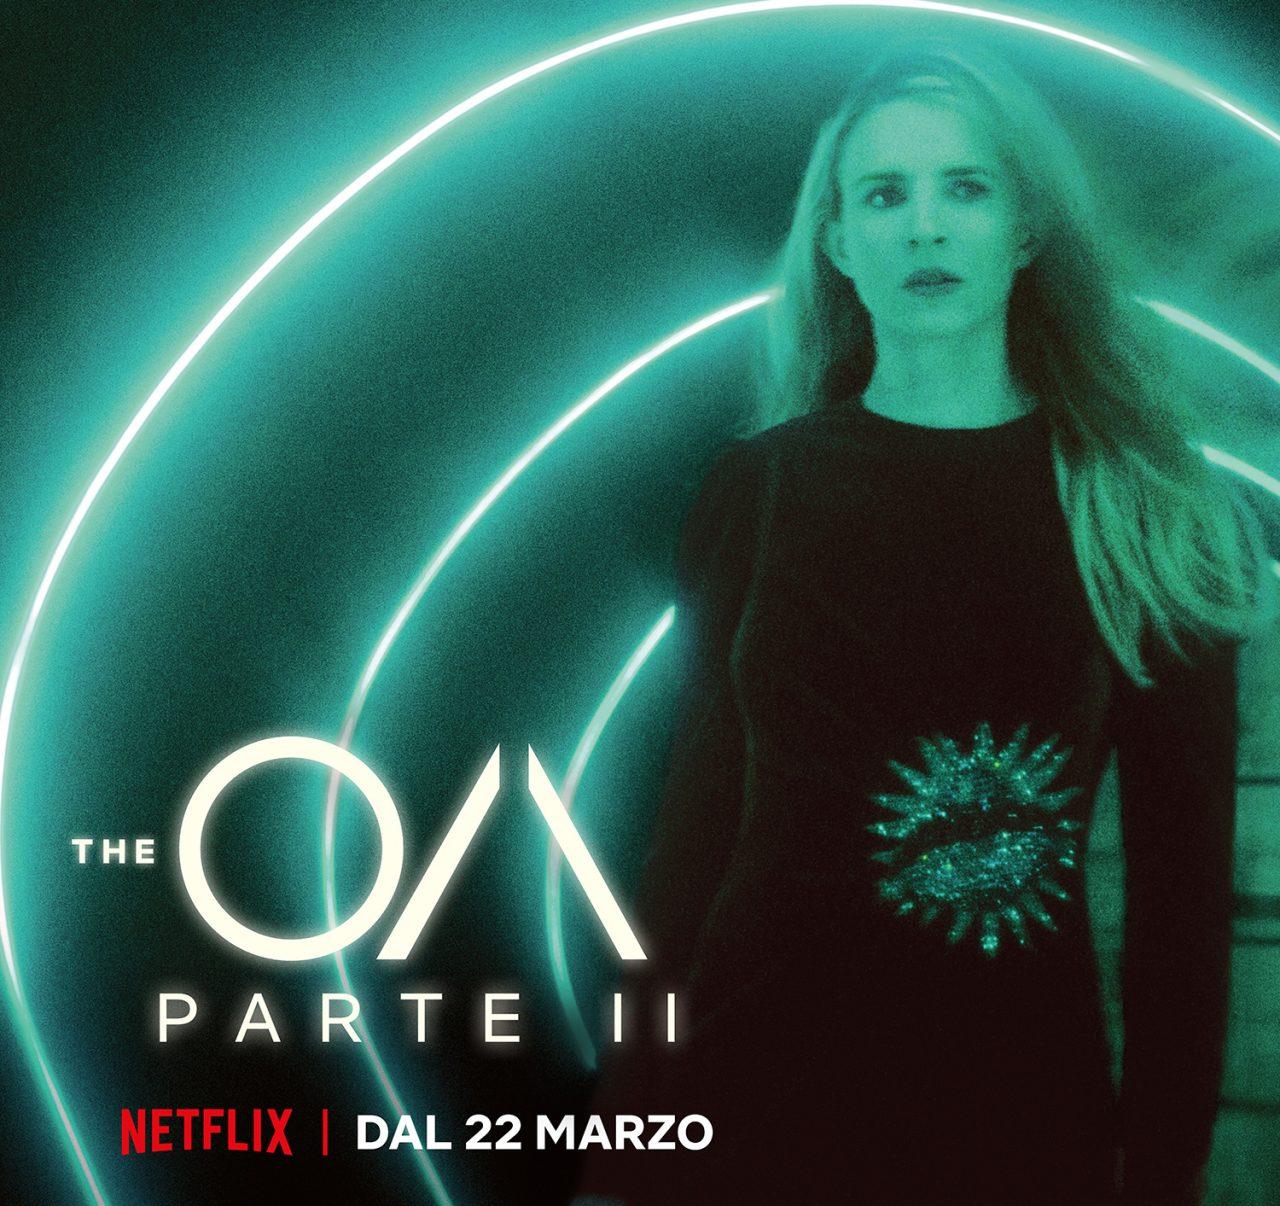 The OA - Parte II arriverà su Netflix il prossimo 22 marzo: ecco il trailer (video)